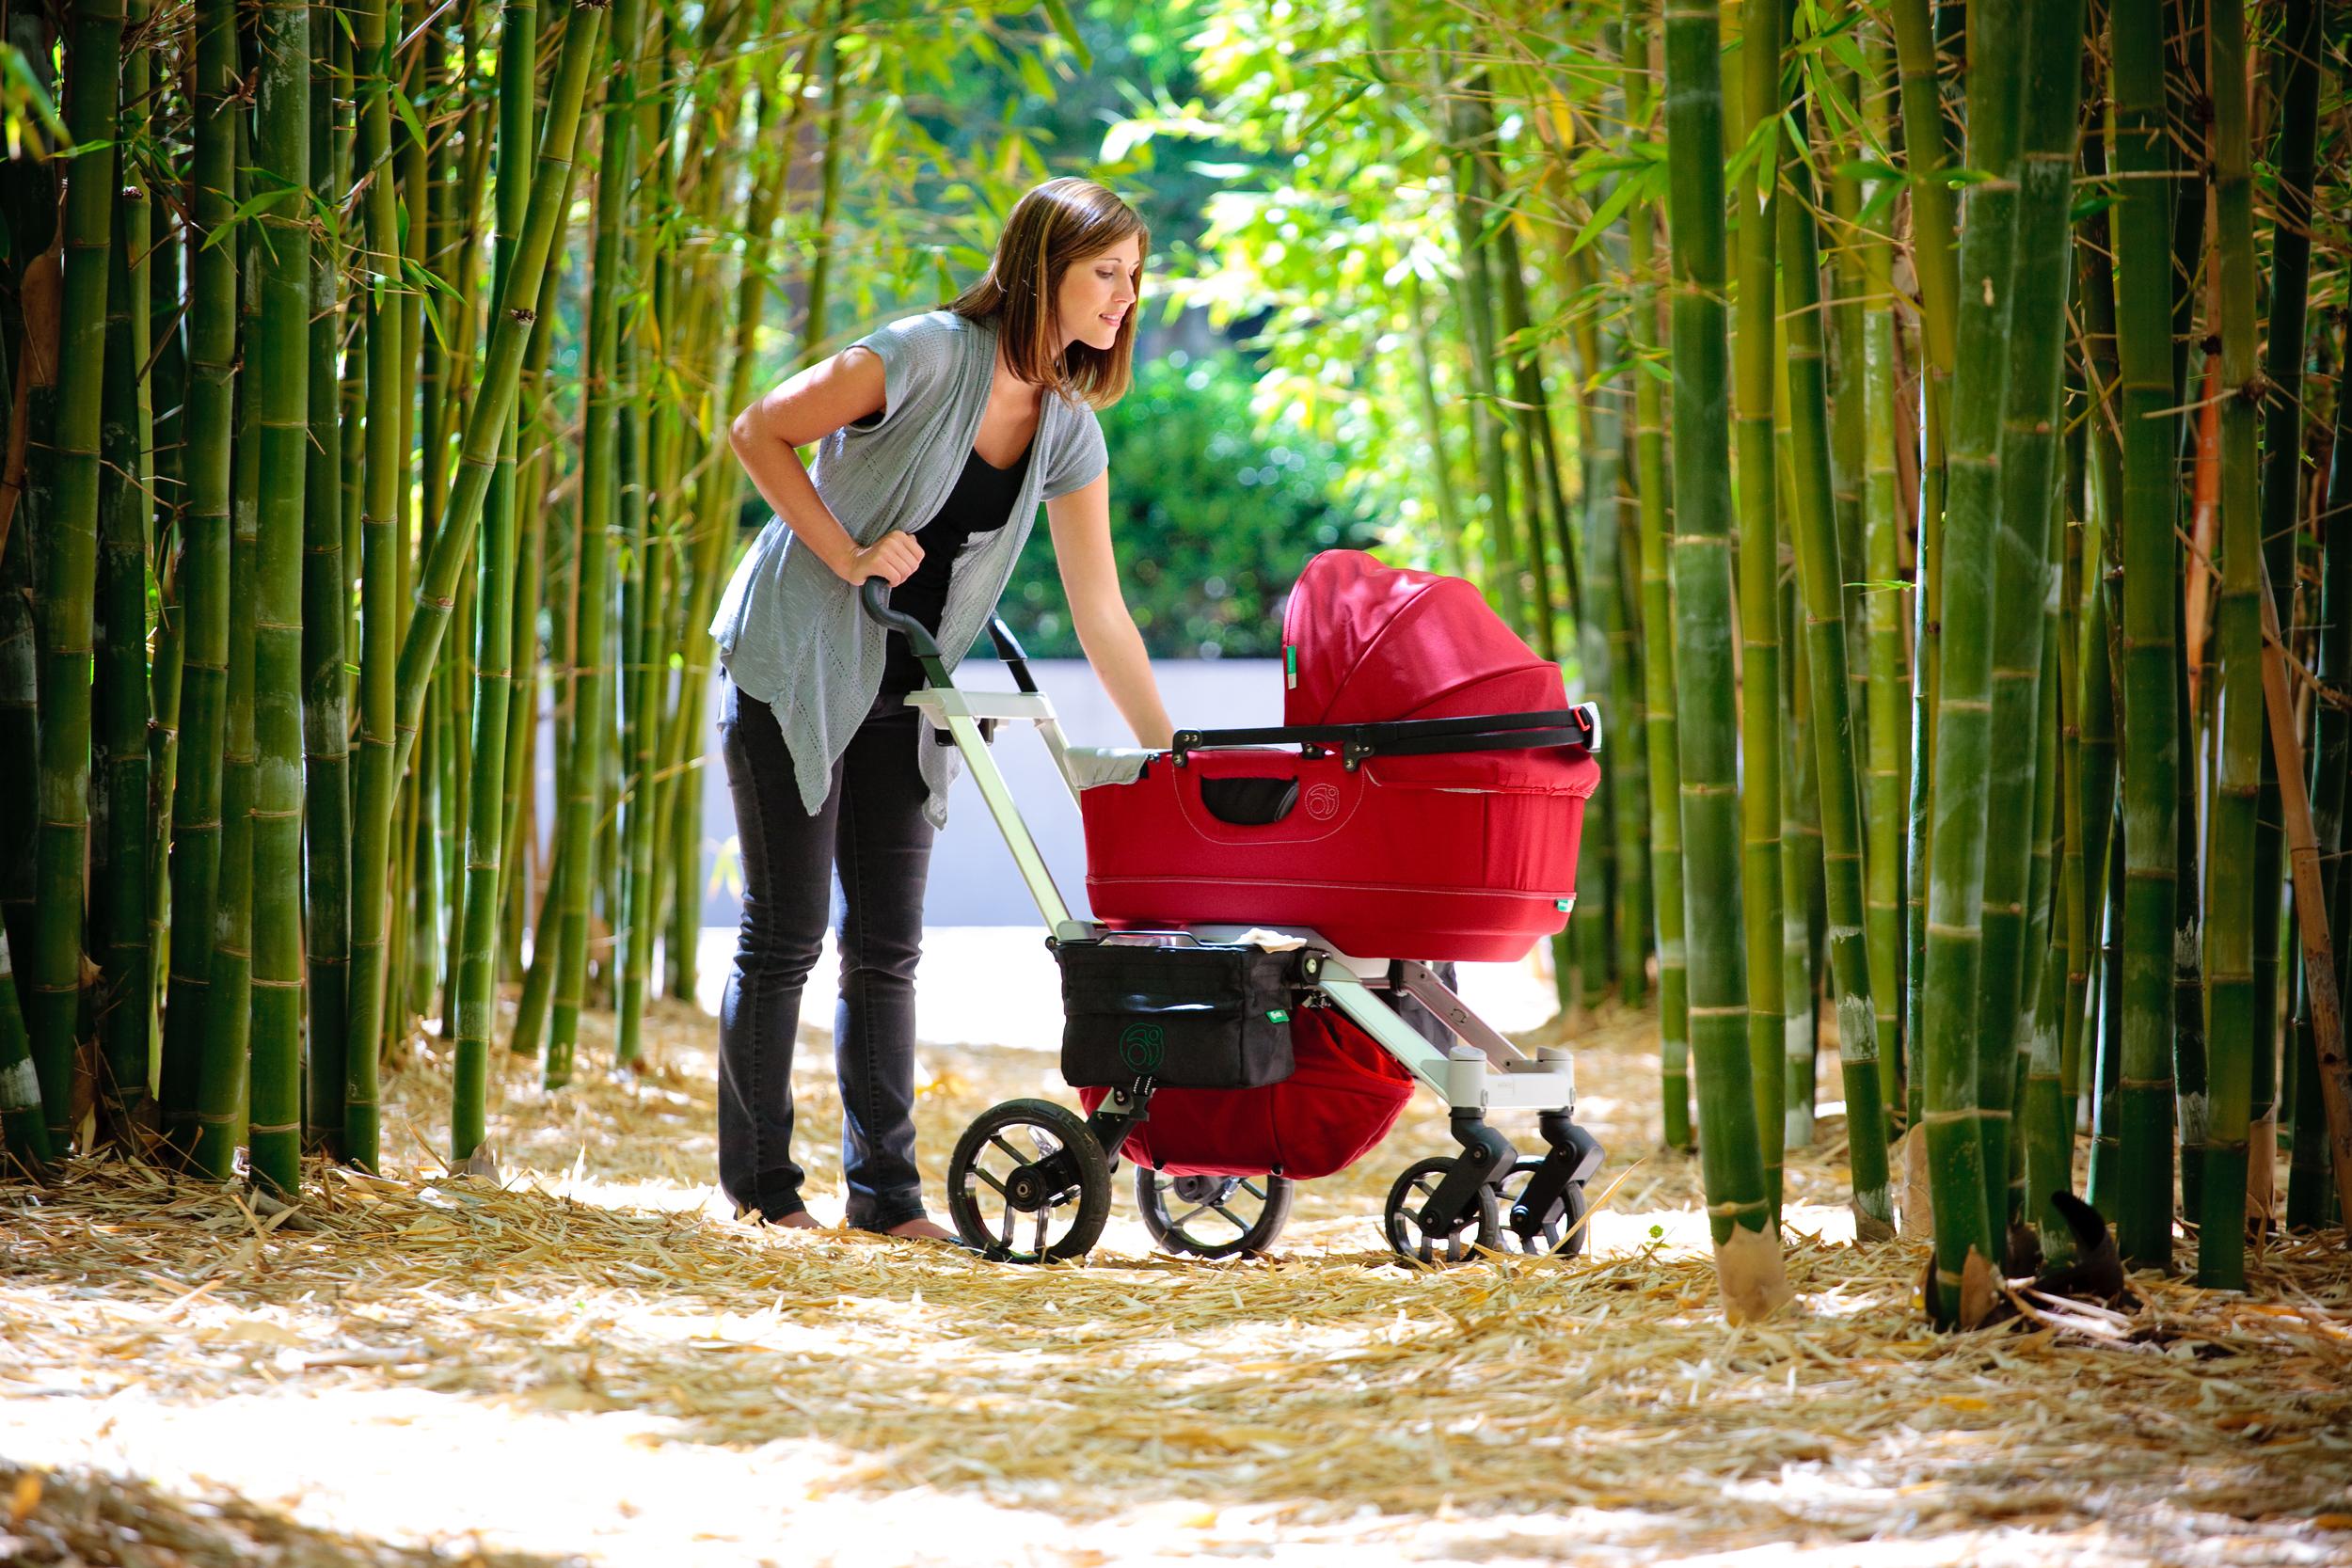 OB_Bamboo_Full_4022.jpg